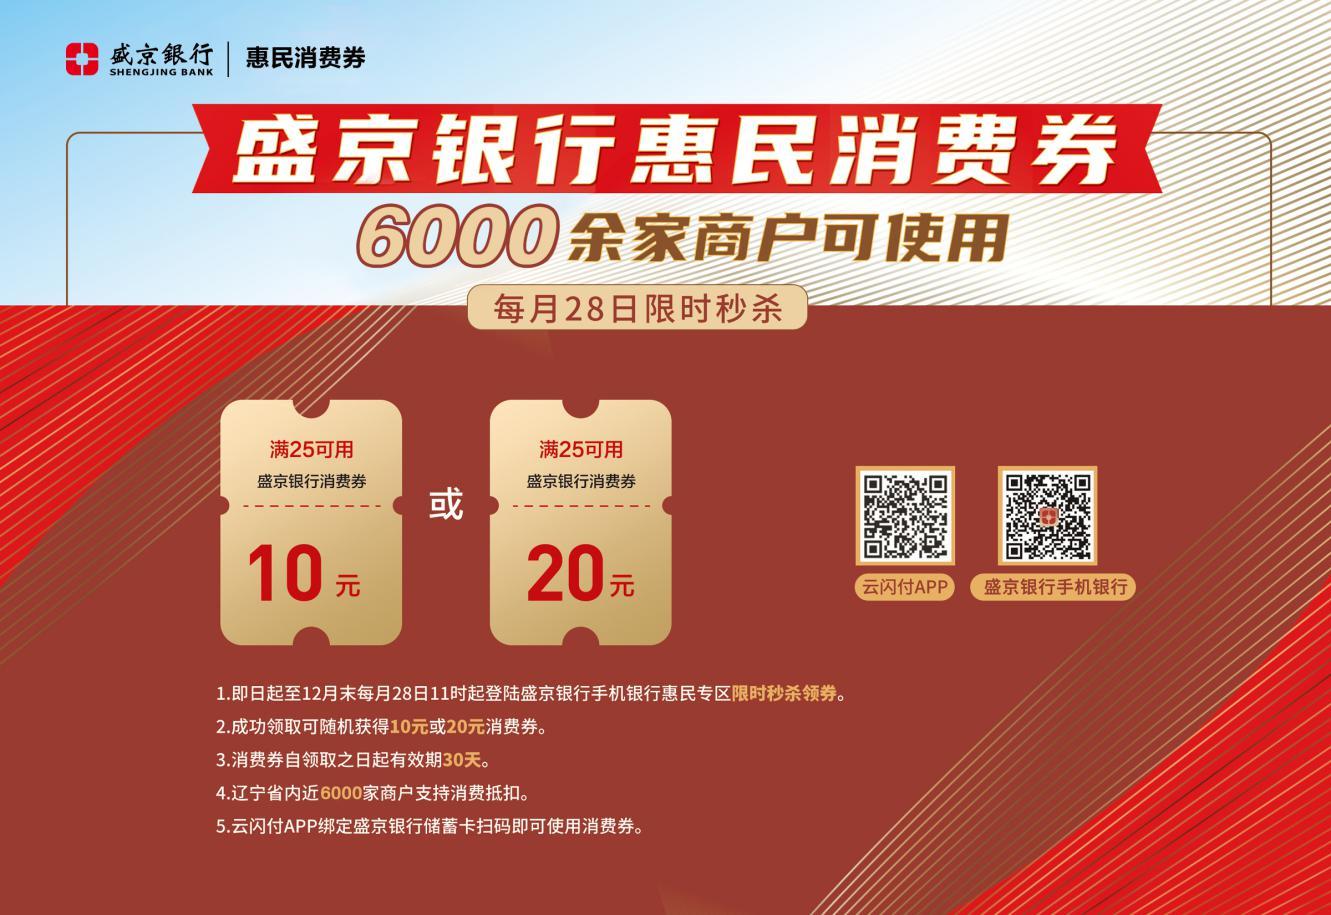 盛京银行践行社会责任助力消费提升 向辽沈居民发放